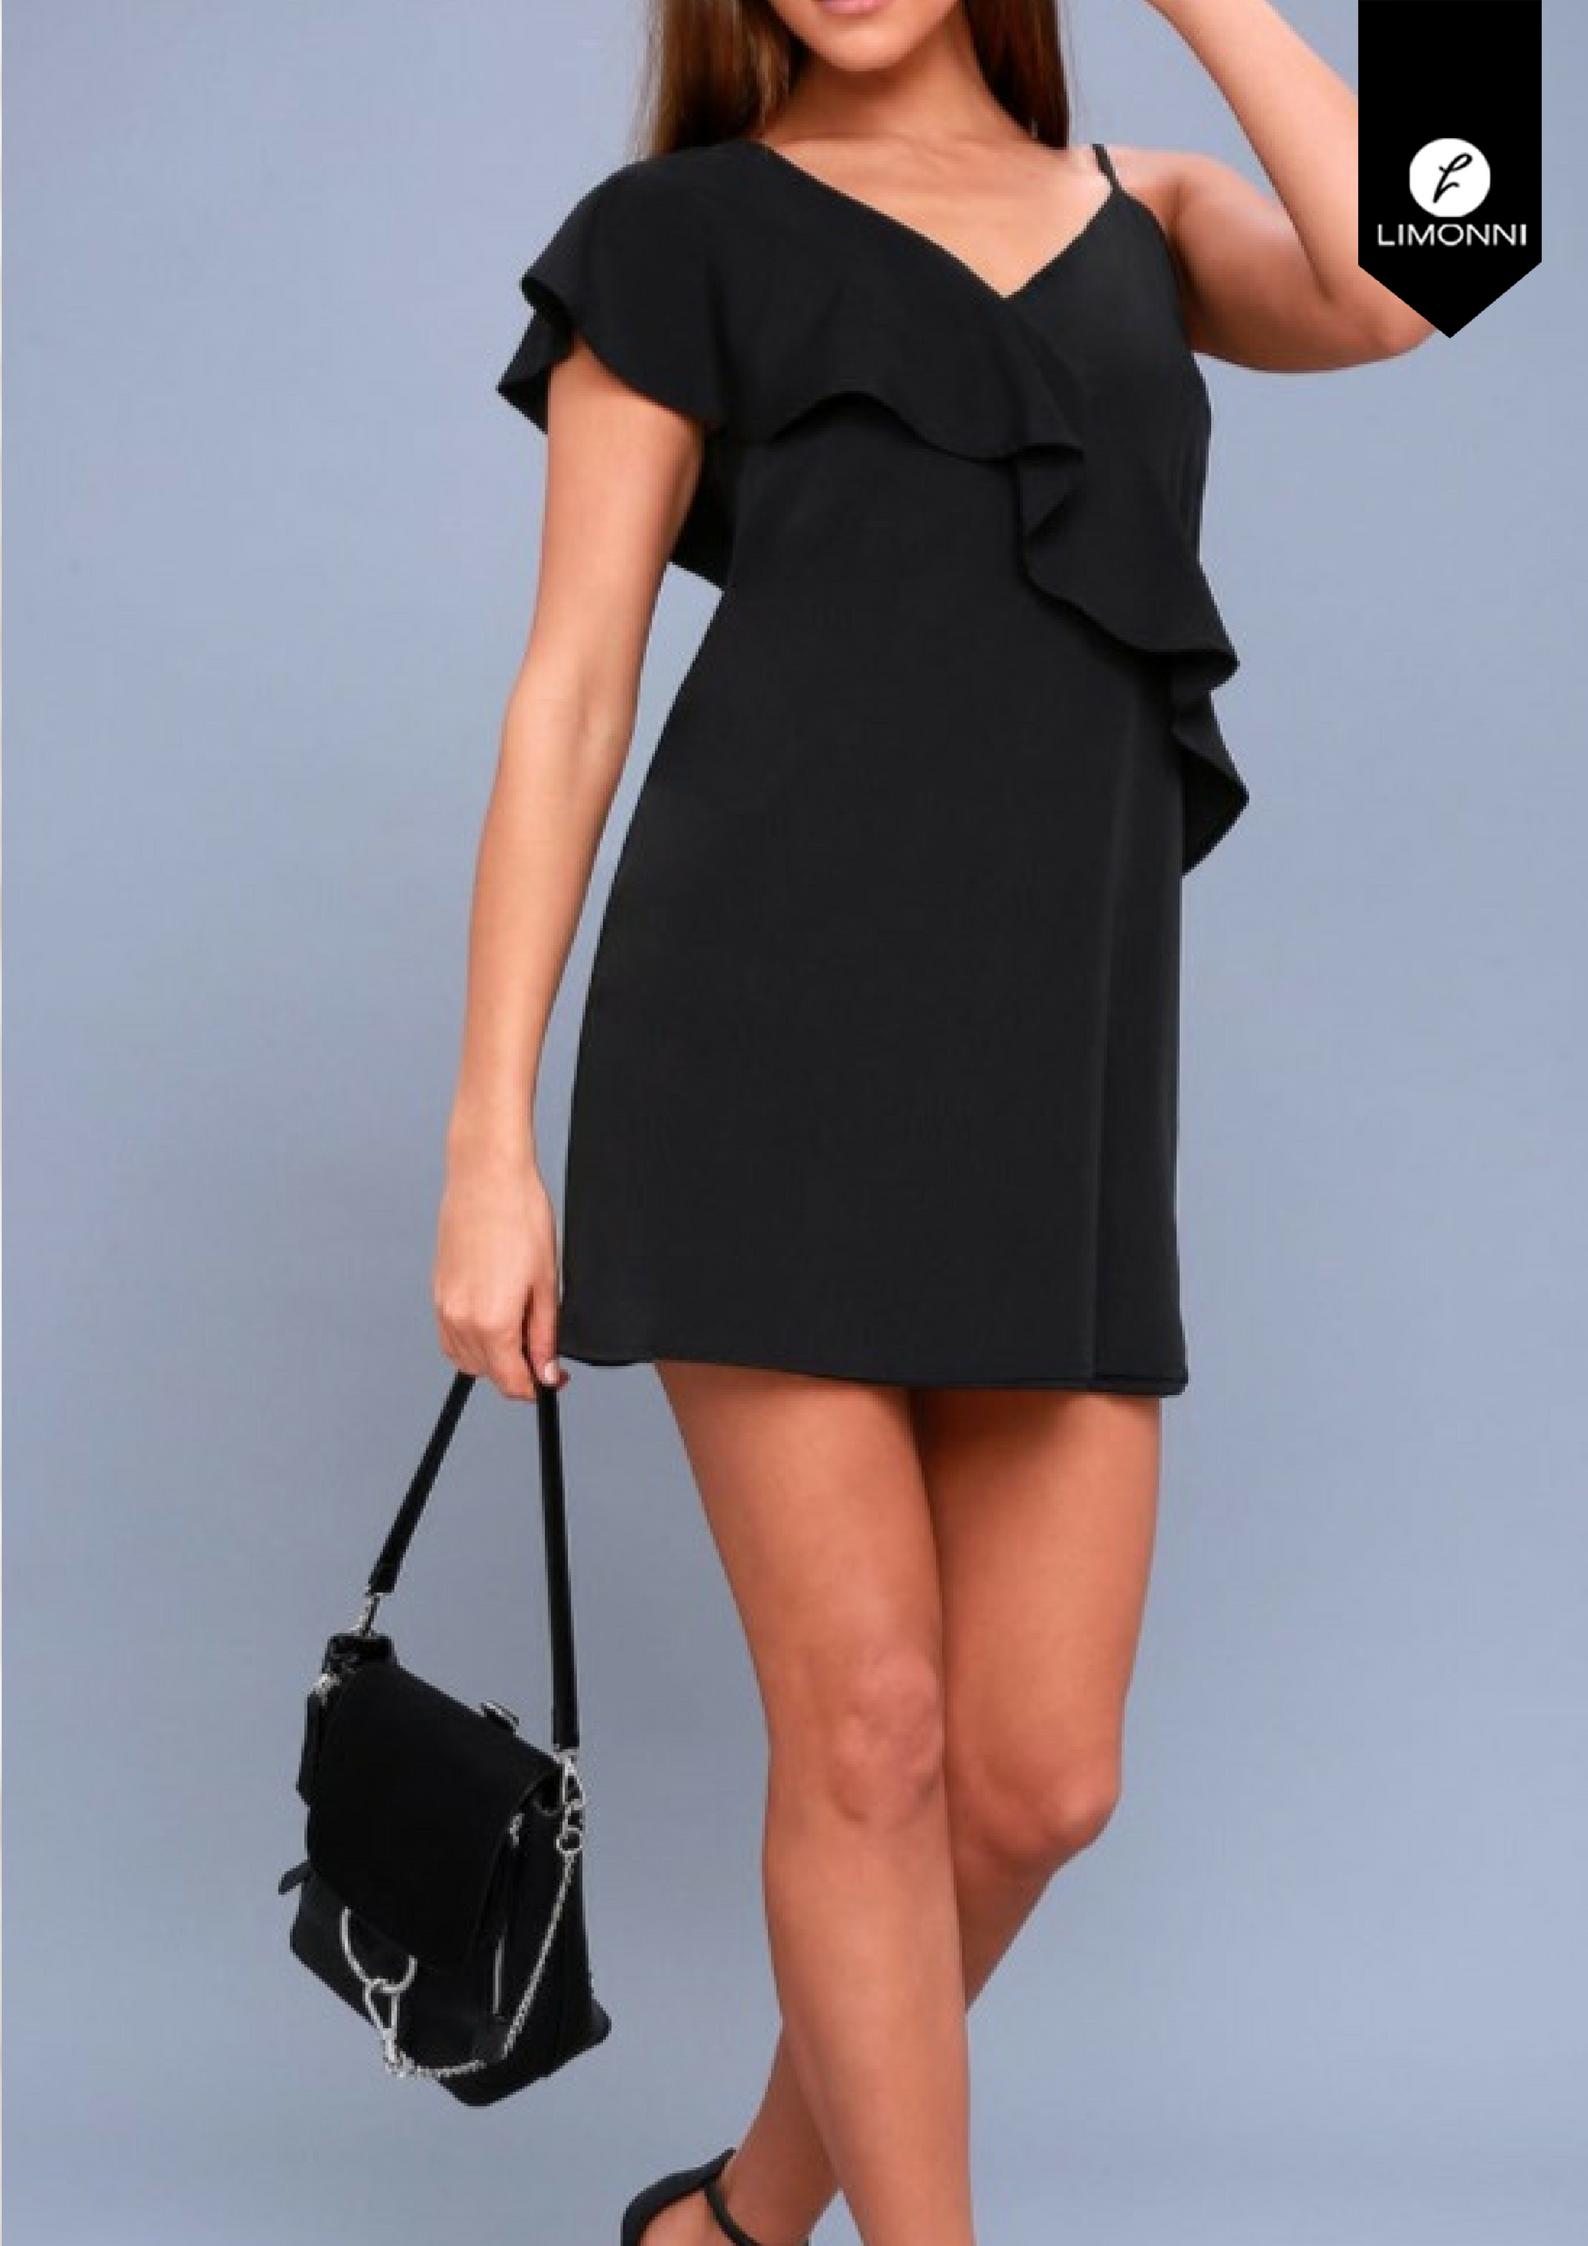 Vestidos para mujer Limonni Limonni LI1512 Cortos Casuales